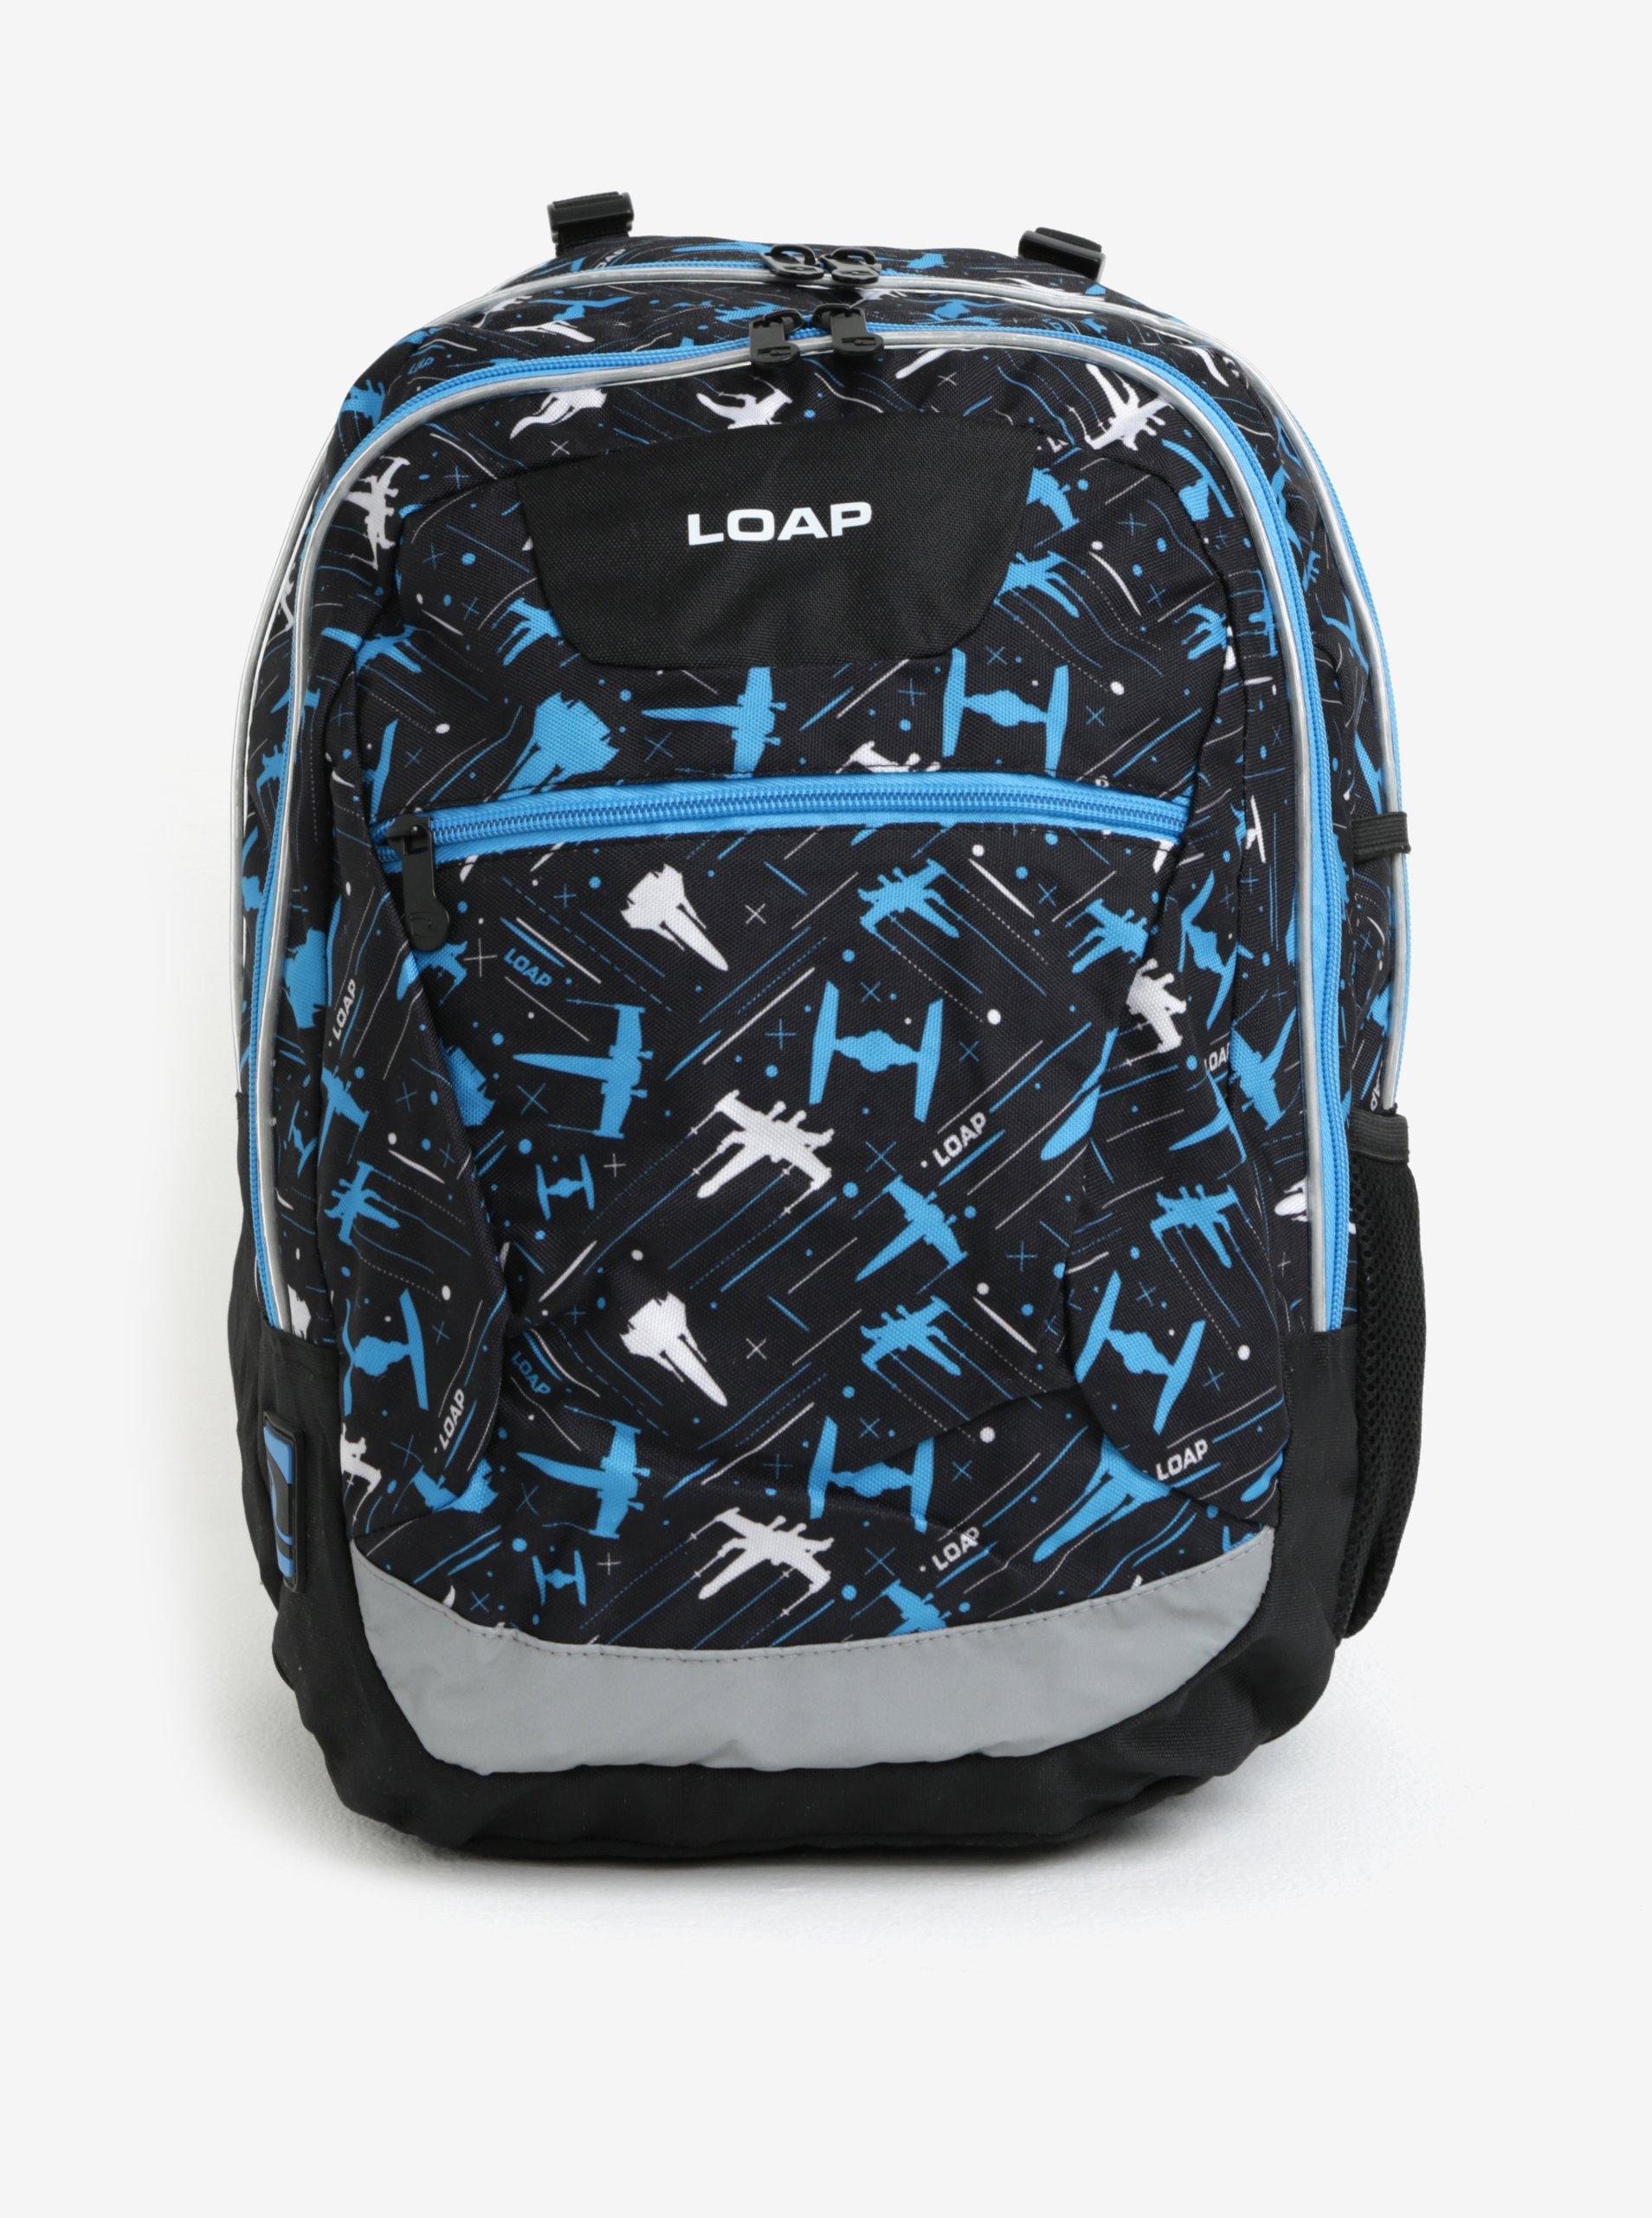 36cd9c8cdb Čierno-modrý chlapčenský vzorovaný batoh LOAP Ellipse 25 l